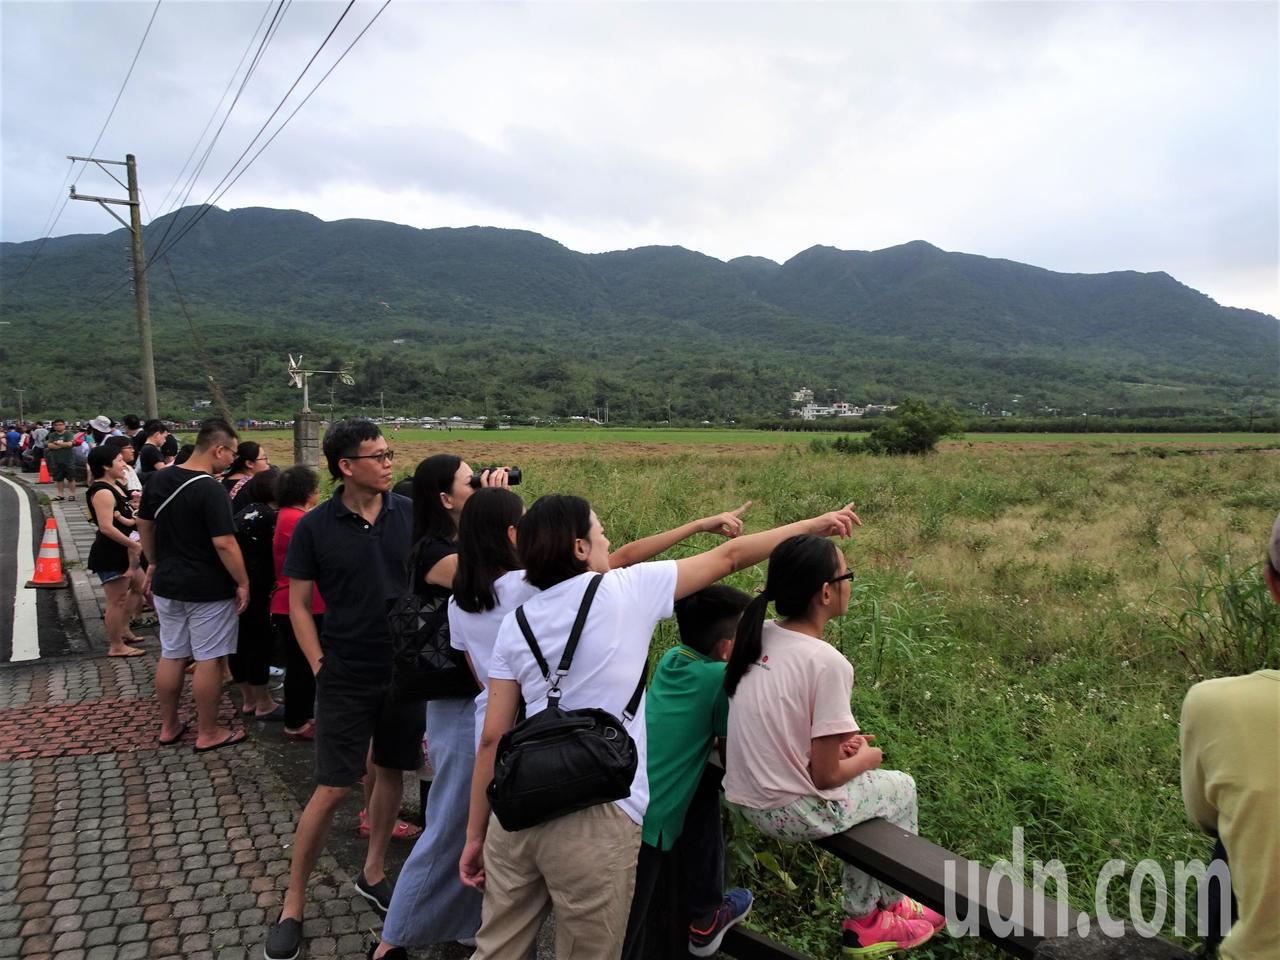 「國慶鳥」國慶日失約 遊客幽默說:去看國慶焰火了